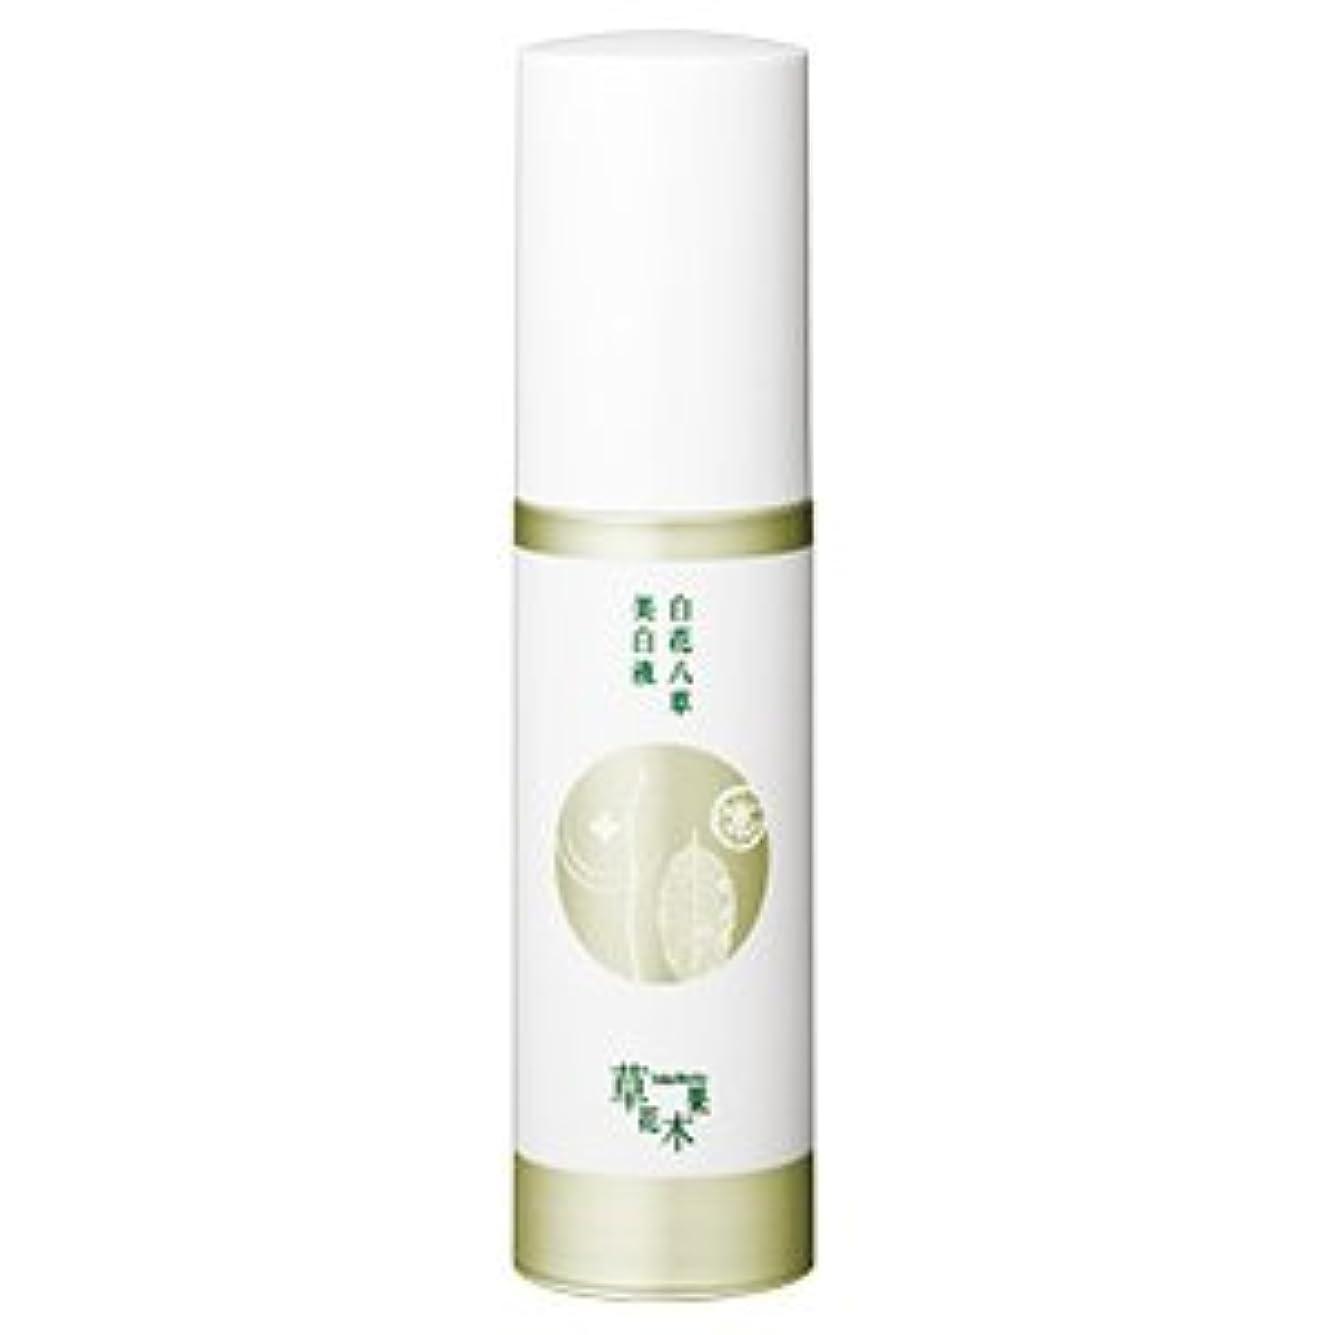 ビル平らなデンマーク草花木果(そうかもっか) 白花八草美白液(医薬部外品) 30mL